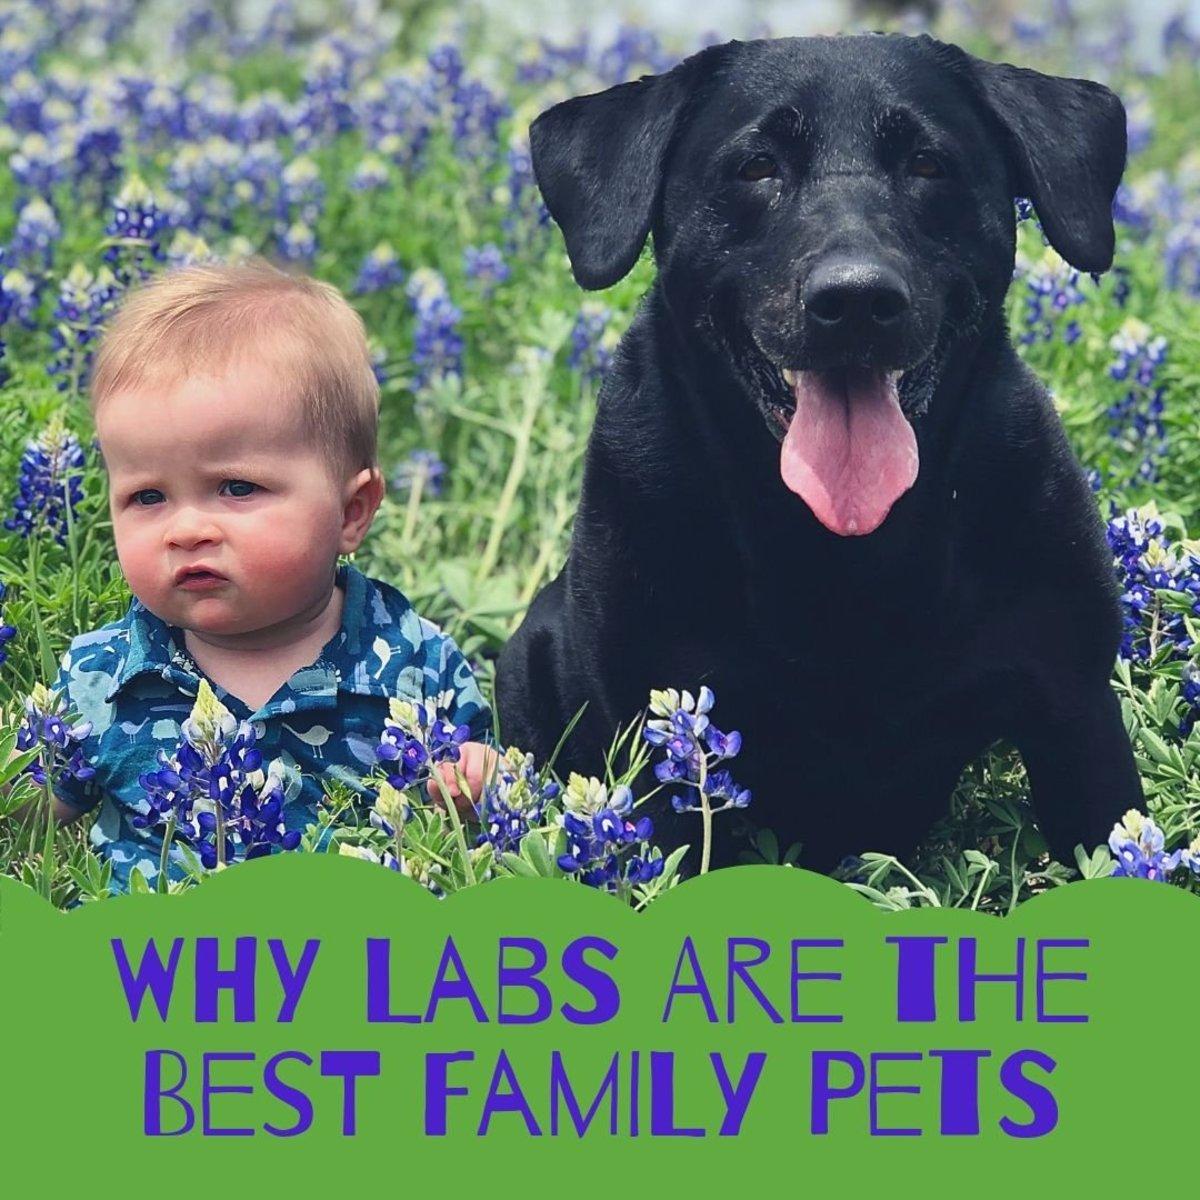 Here are 10 reasons you should choose a Labrador Retriever as your next family pet!